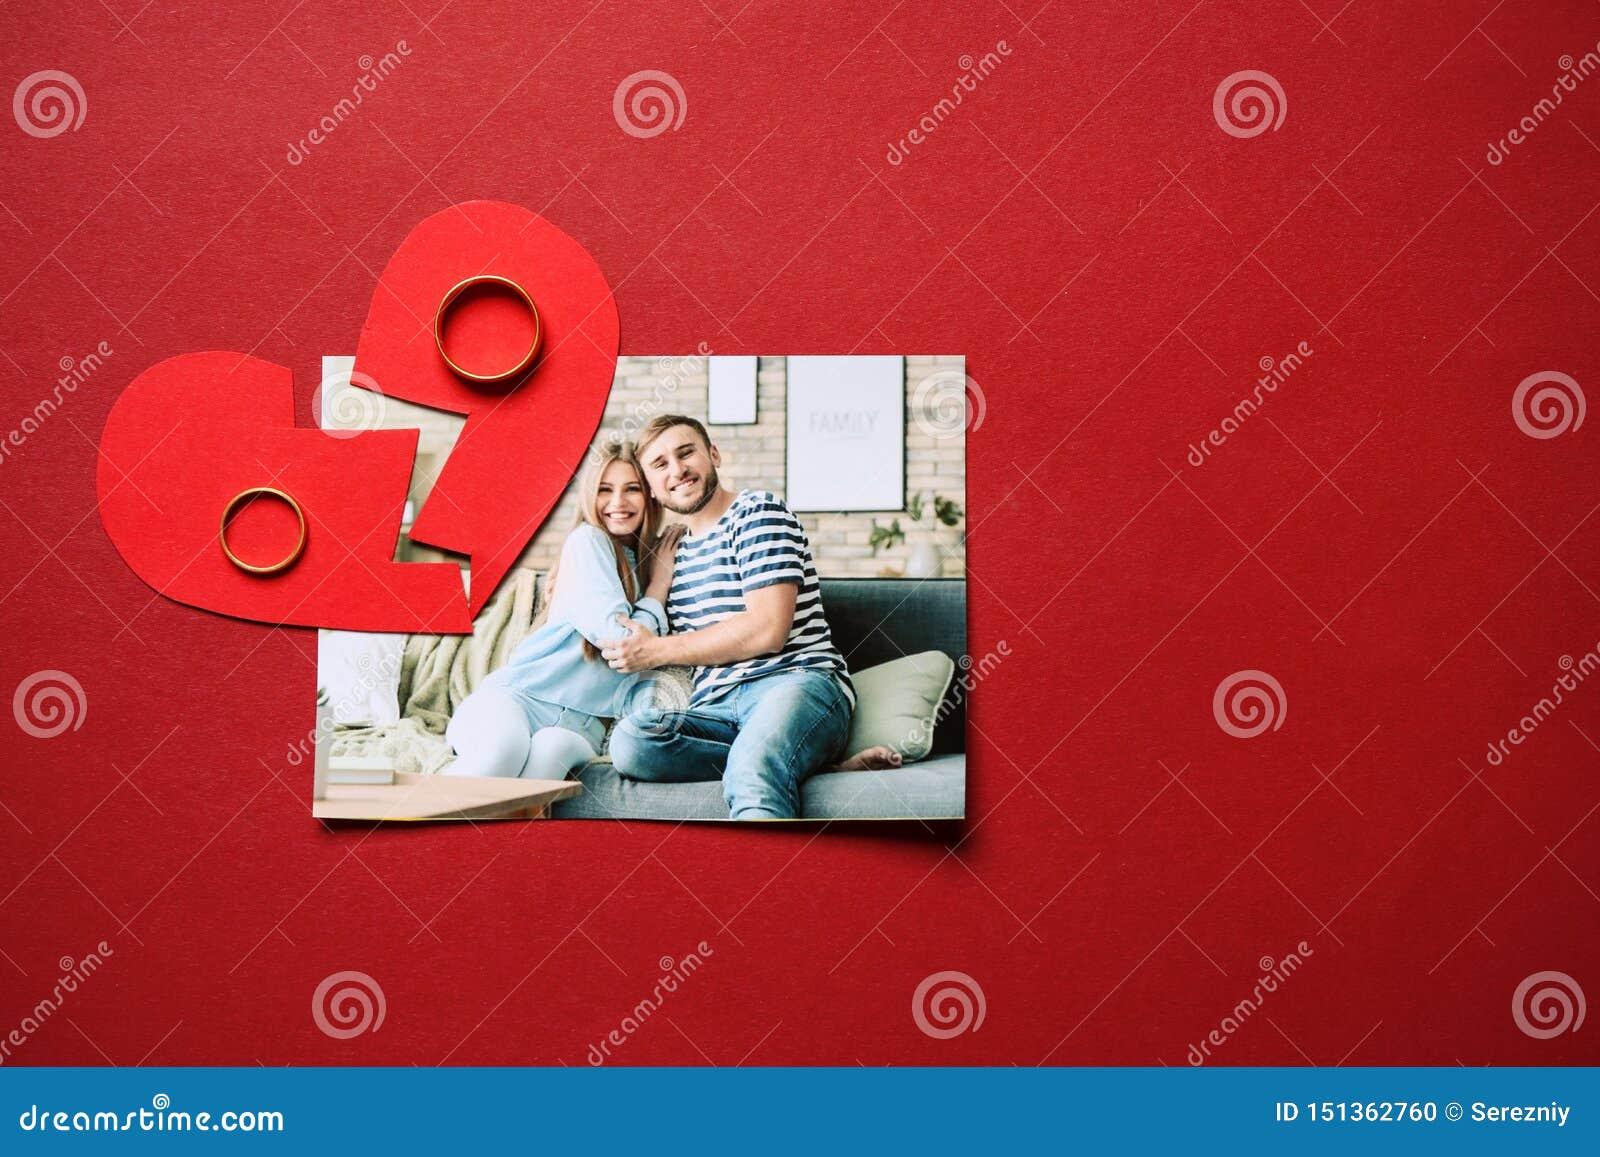 愉快的加上照片圆环和伤心在颜色背景 离婚的概念